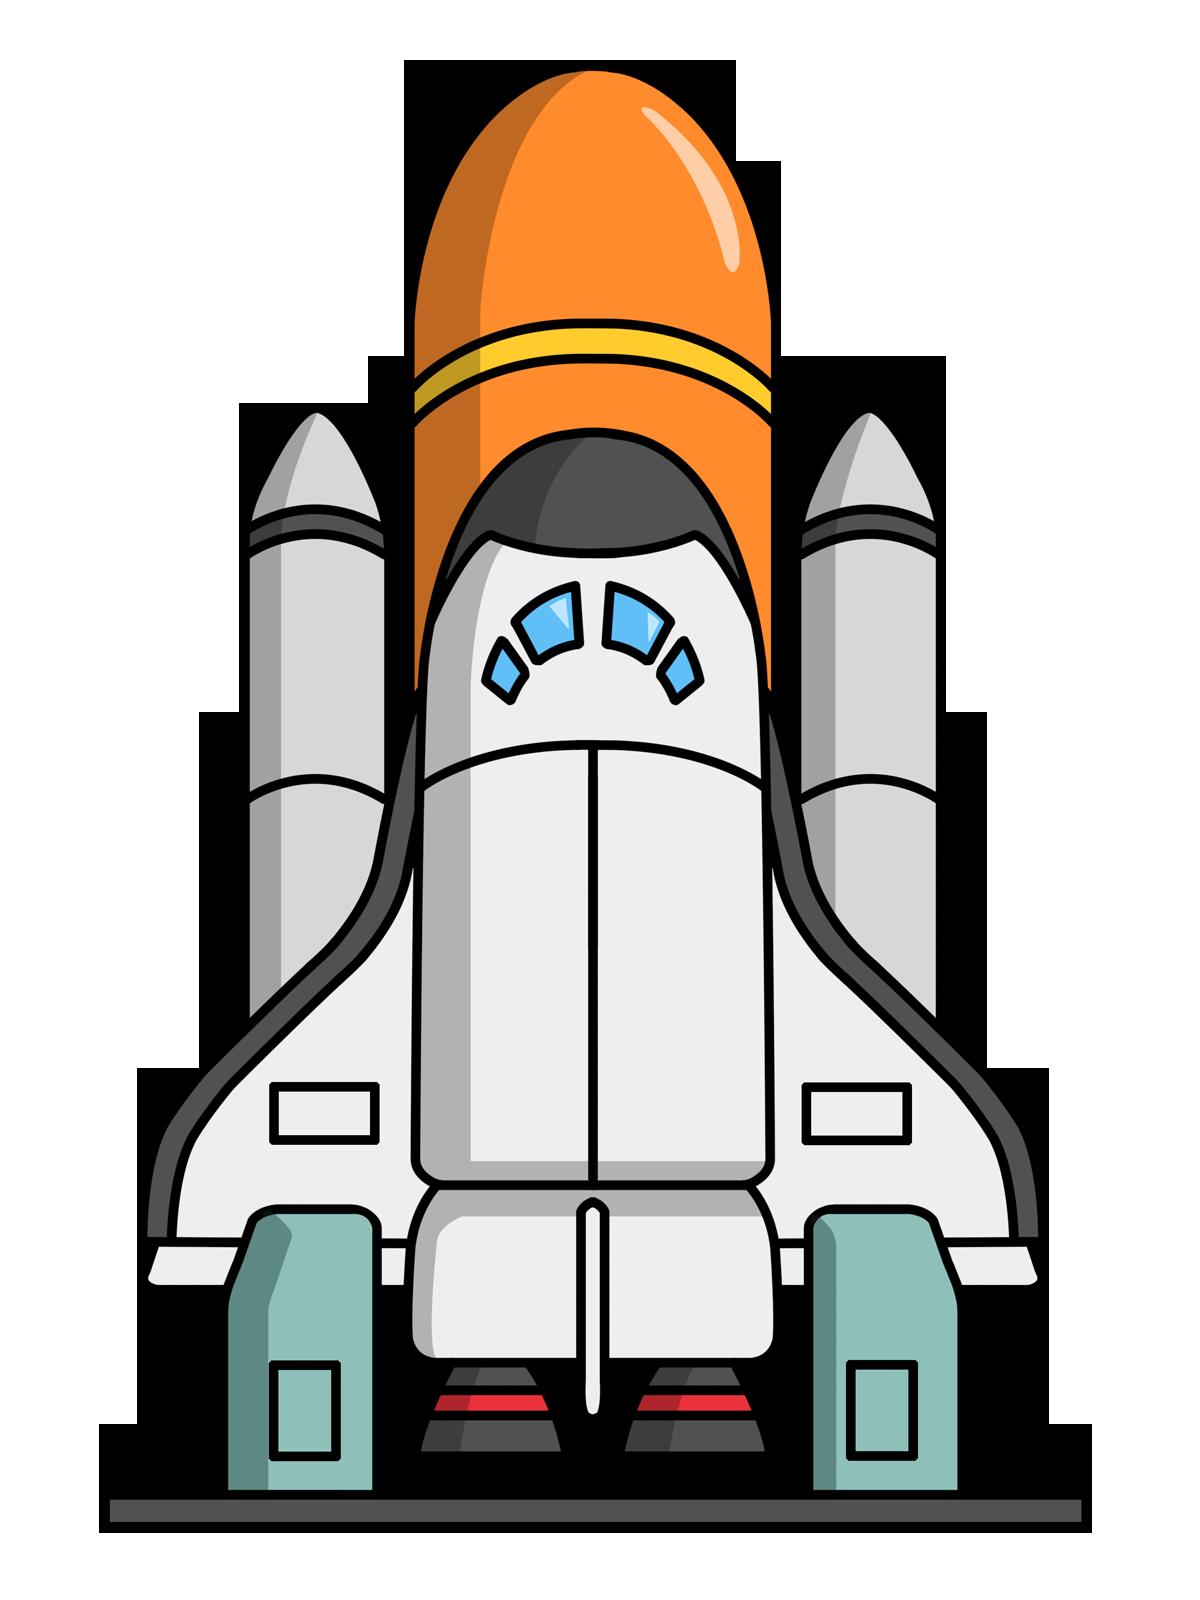 Rocket Ship Clip Art Free | Cartoon Rocketship Space Alien Pla ...